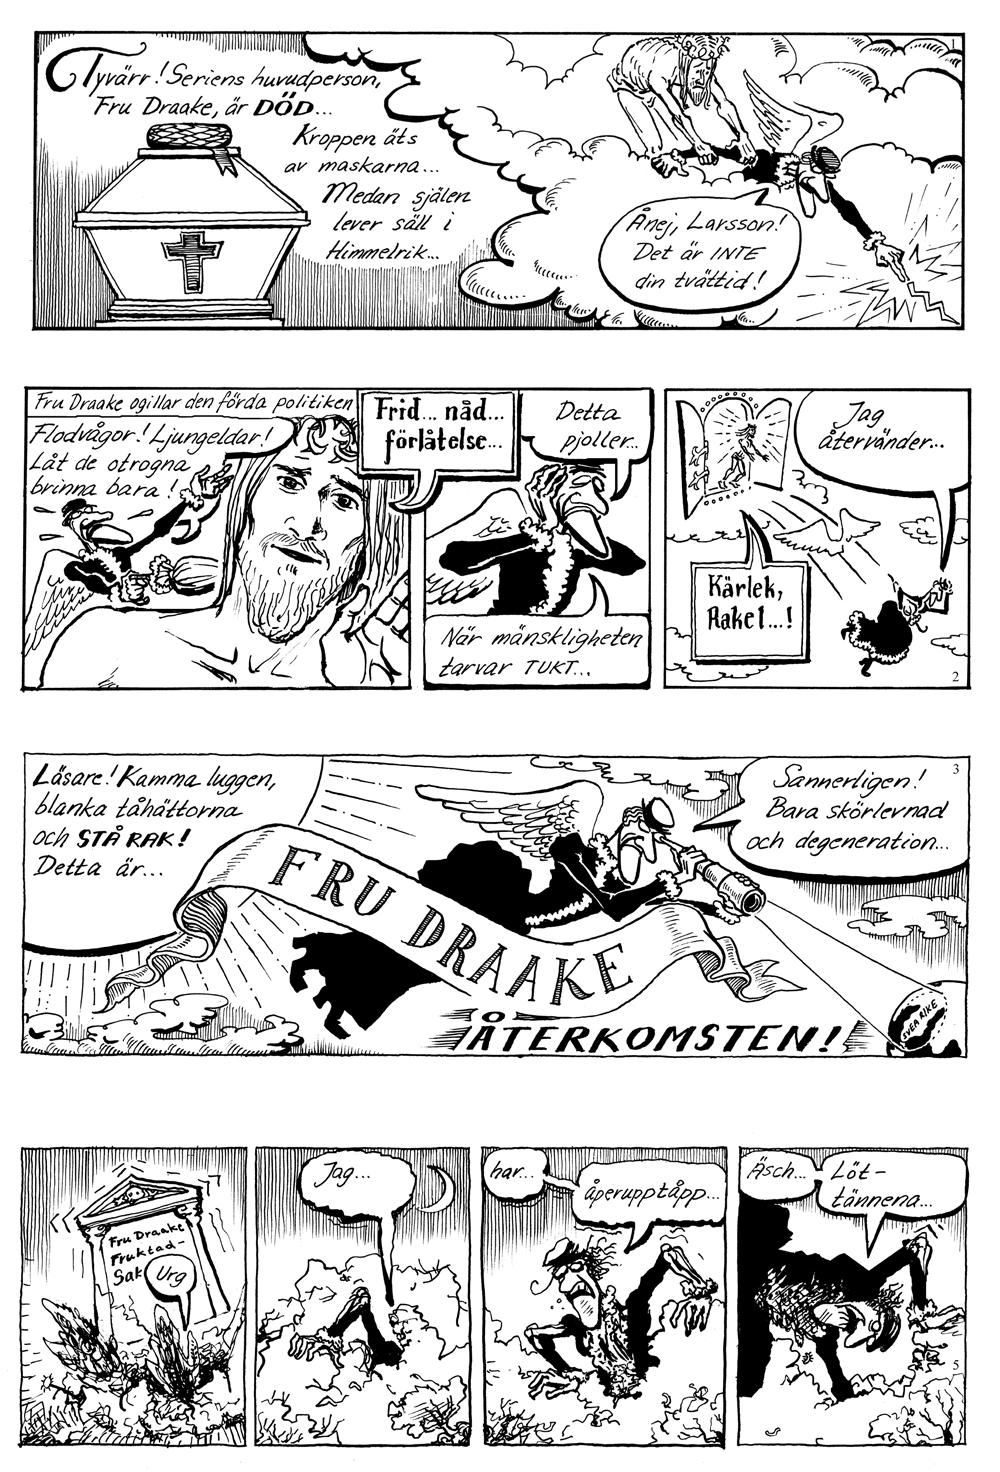 Fru Draakes Norgeäventyr sida 1